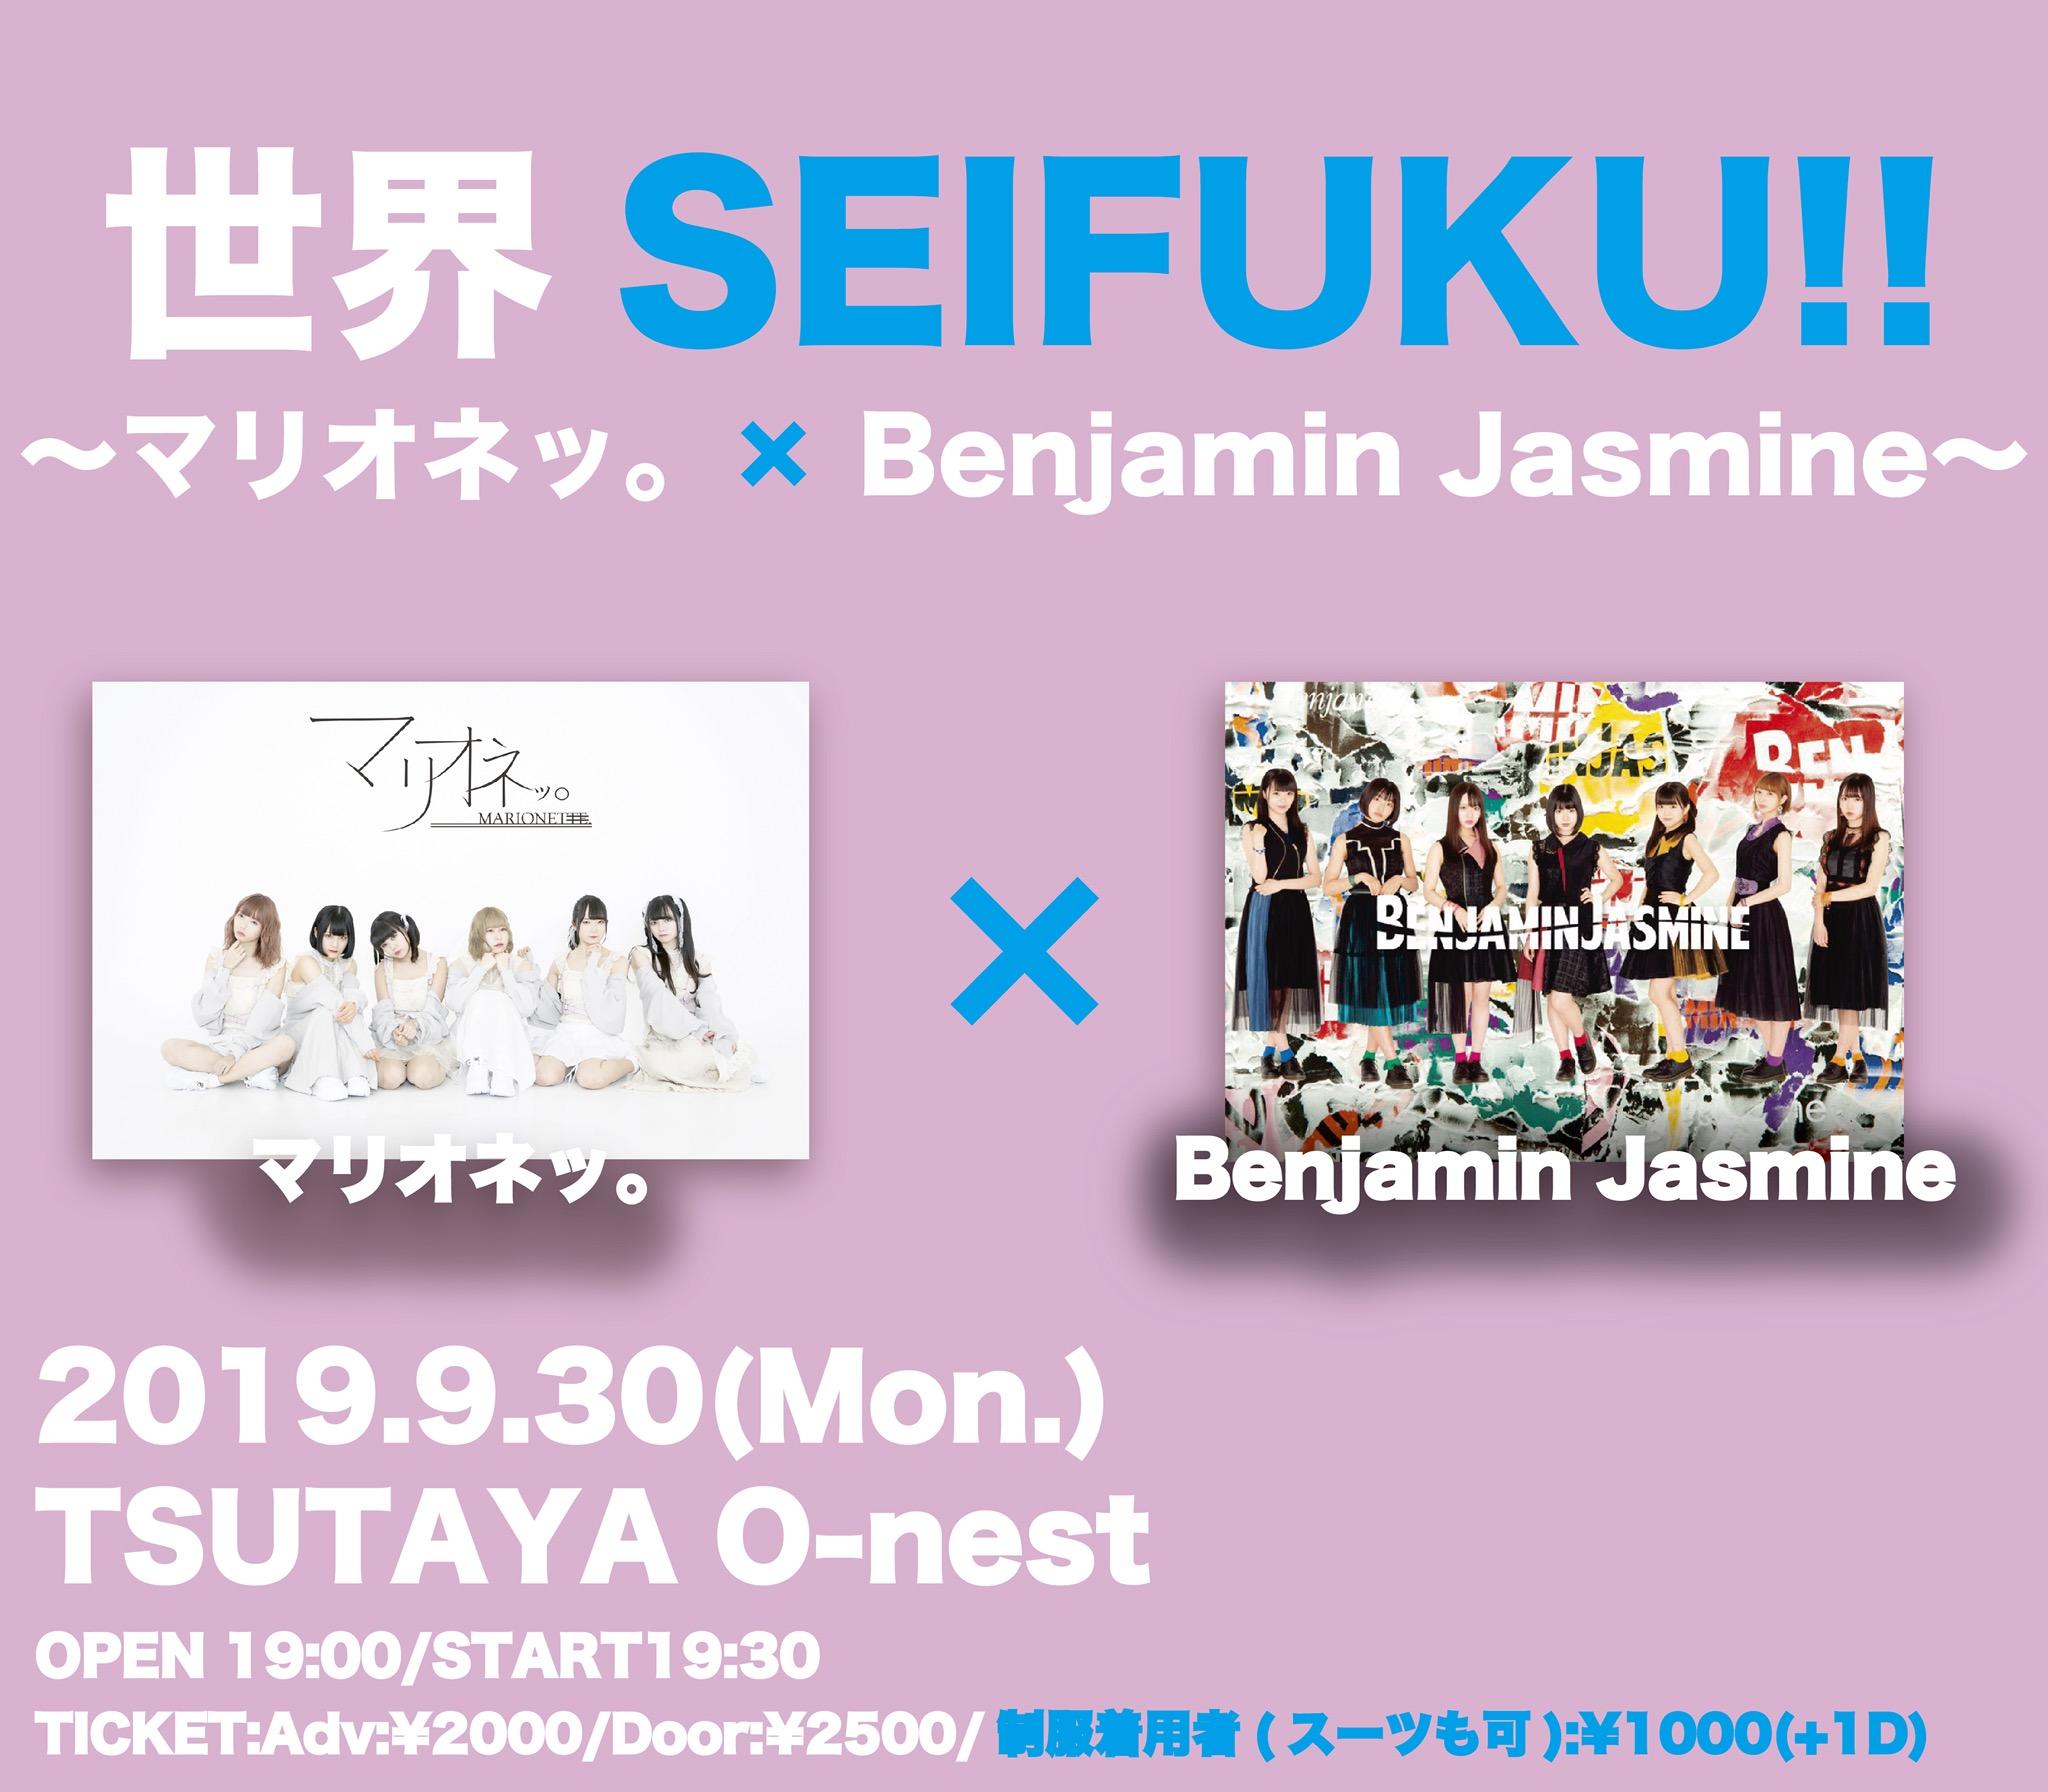 世界SEIFUKU!!~マリオネッ。×Benjamin Jasmine~